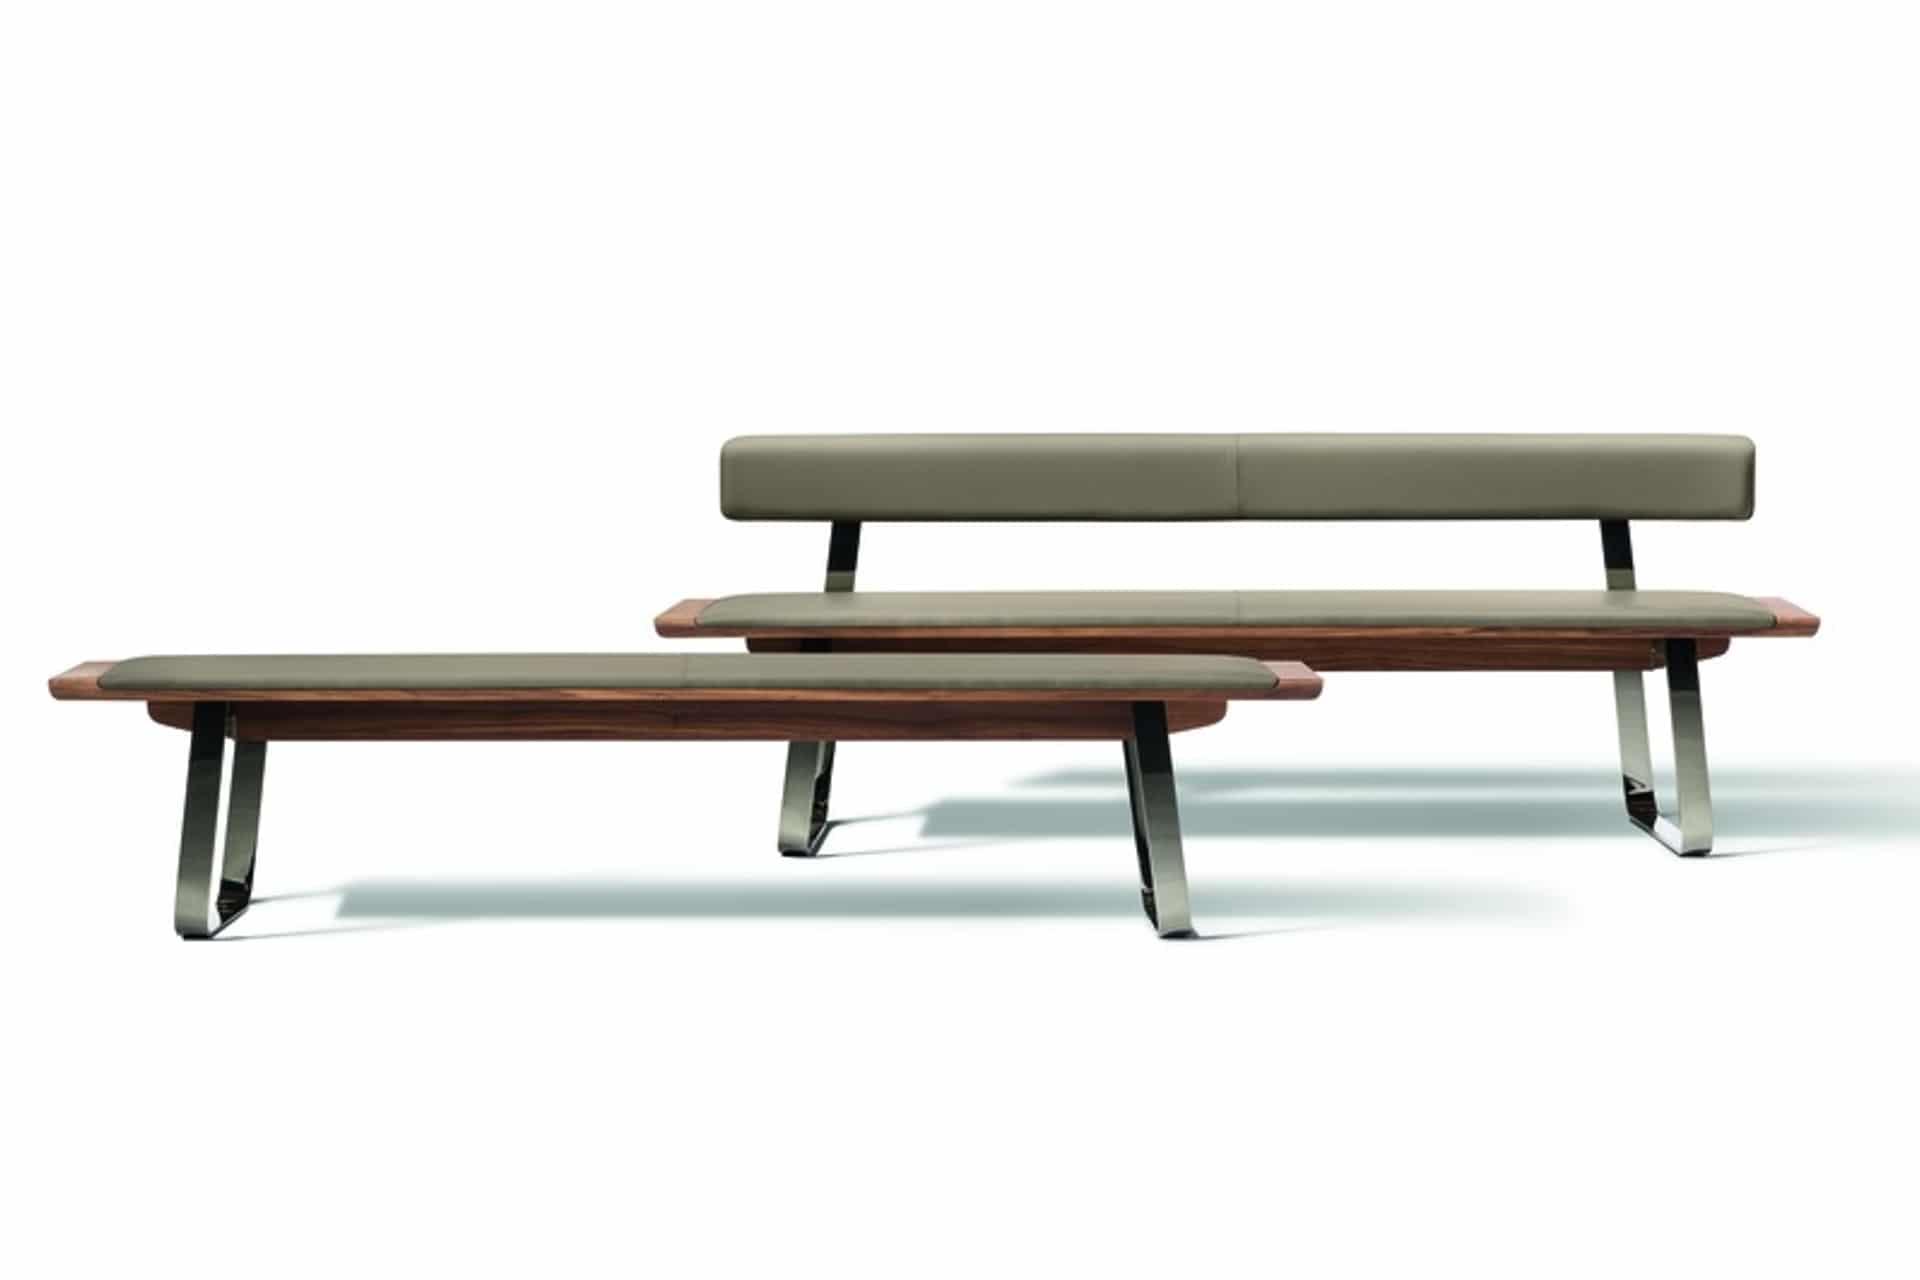 bank nox mit metallkufen kohler nat rlich einrichten naturholzm bel team 7 naturm bel. Black Bedroom Furniture Sets. Home Design Ideas